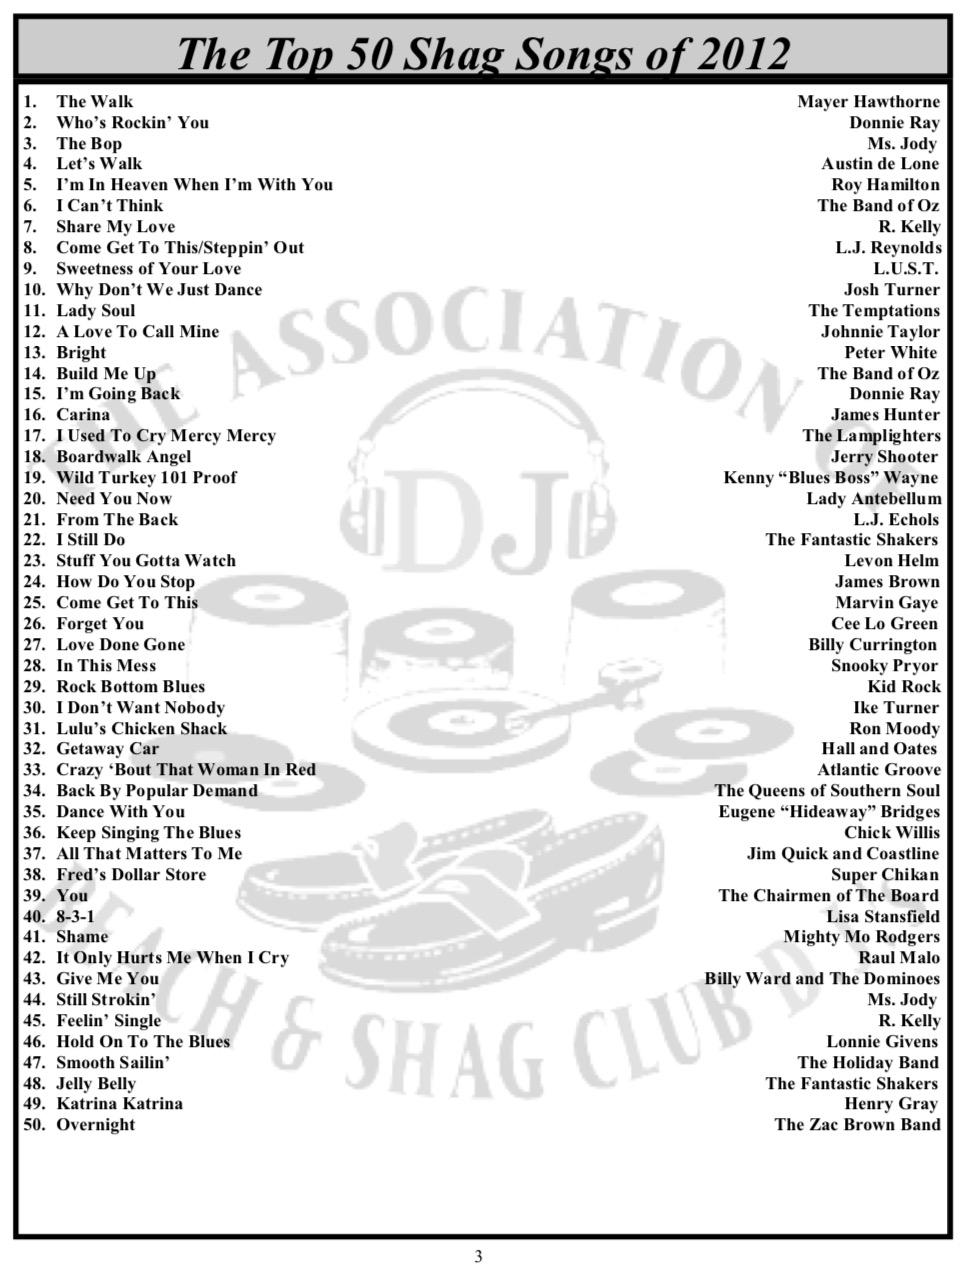 Top 50 Shag Songs | OD Shag Club – North Myrtle Beach, SC